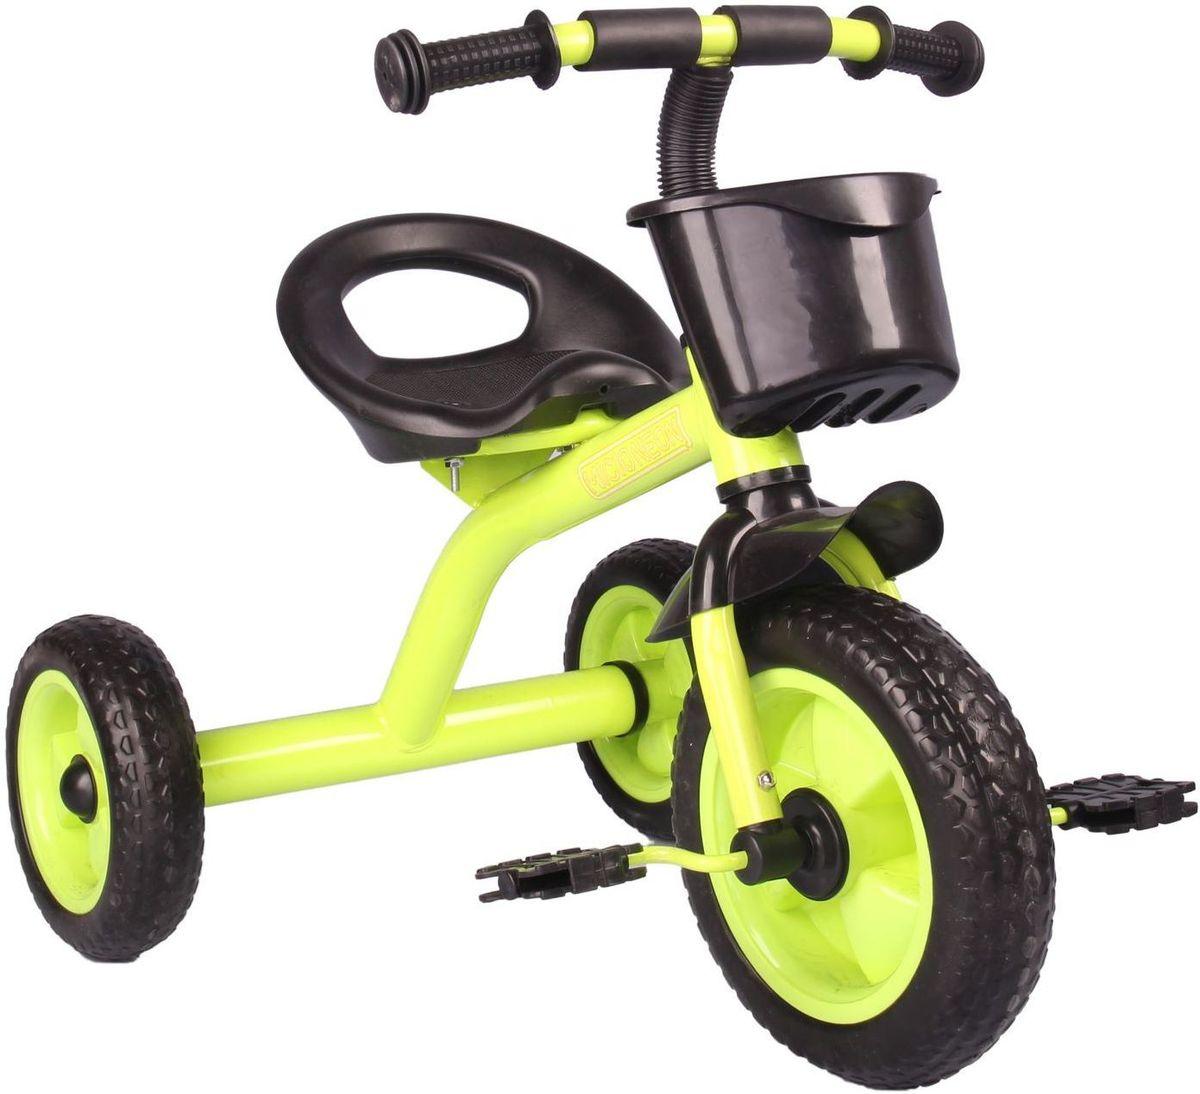 Micio Велосипед детский трехколесный Micio Neon 2017 цвет зеленый1723819Удобный, надёжный, стильный трёхколёсный велосипед — находка для начинающего спортсмена. Прочная стальная рама и пластиковые колёса выдержат любые испытания во время заездов в парке или во дворе. Широкое сиденье со спинкой сделает поездку комфортной. А для игрушек и других необходимых велосипедисту предметов предусмотрена удобная пластиковая корзинка. Размеры Длина от заднего колеса до переднего: 70 см. Расстояние между задними колёсами: 48 см. Высота от руля до пола: 56 см. Высота от седла до пола: 35 см. Расстояние от середины седла до дальней педали: 47 см. Масса нетто: 3,3 кг. Максимальная нагрузка: 30 кг.